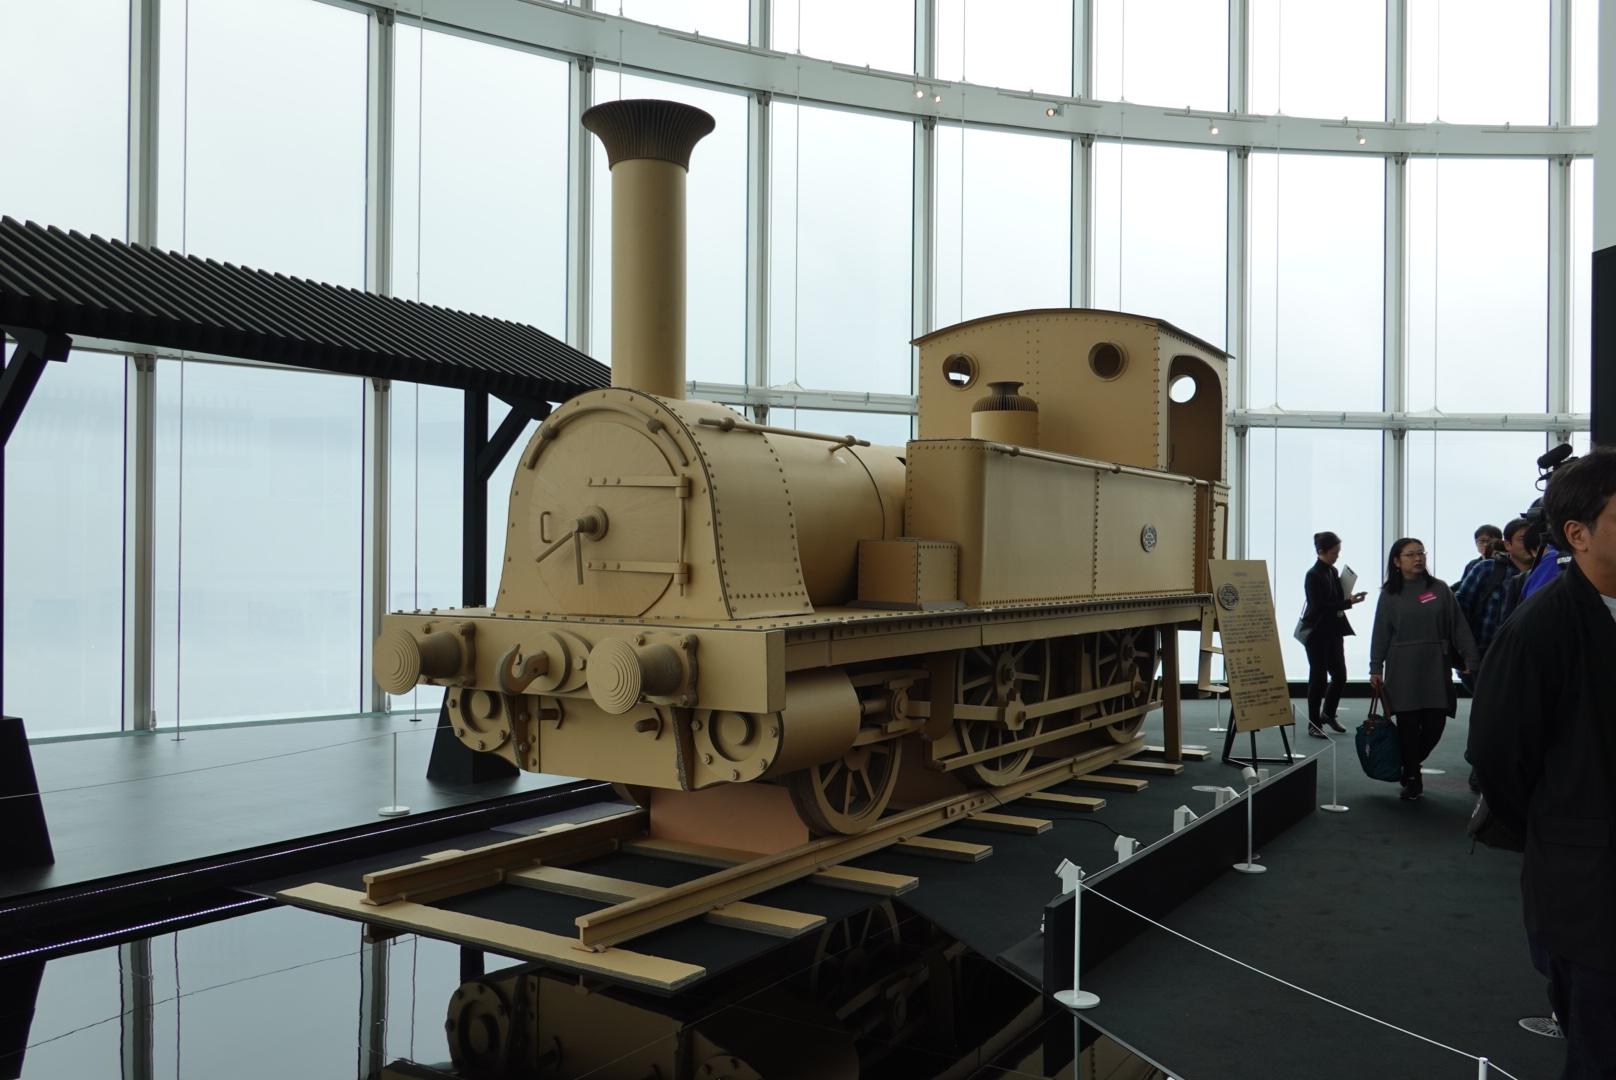 #13 「天空ノ鉄道物語」第3弾! ダンボール紙の1号機関車がすごすぎる!